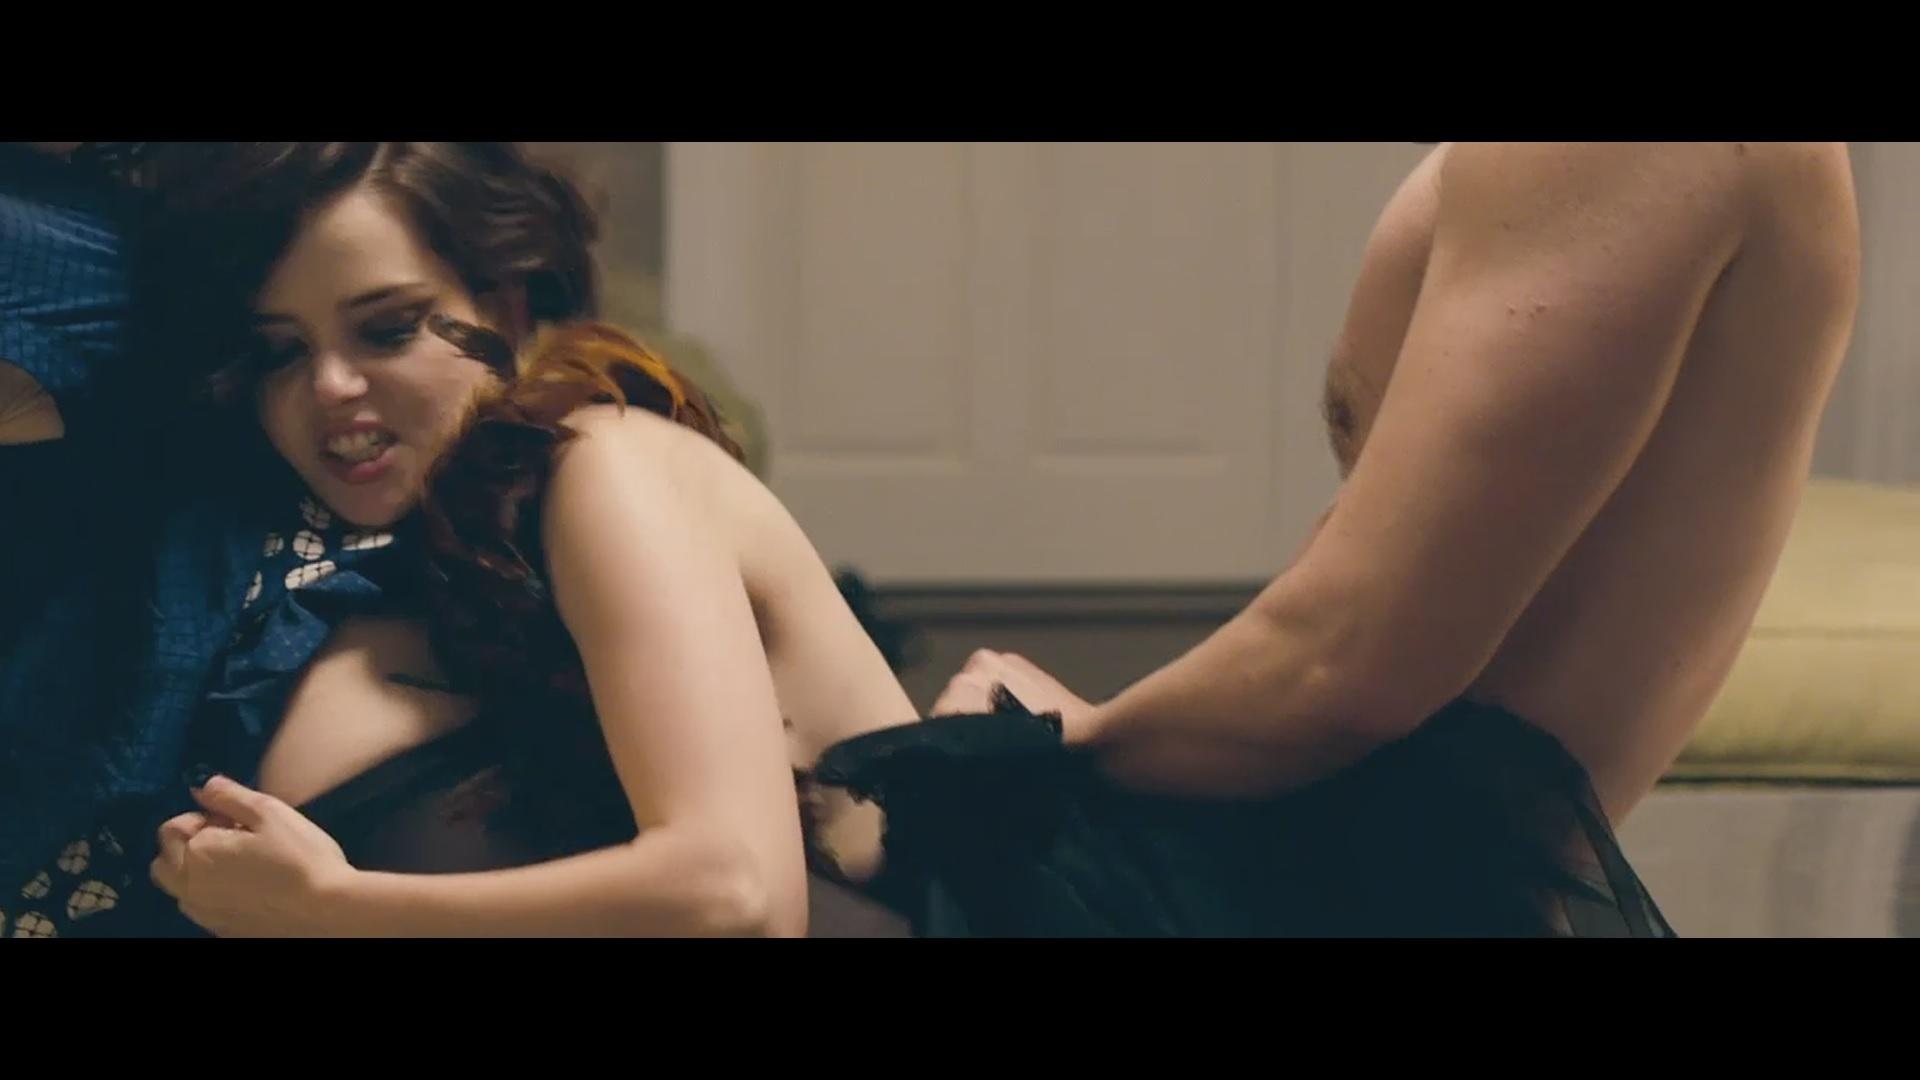 Anais Reboux Nude showing xxx images for roxane mesquida movie xxx | www